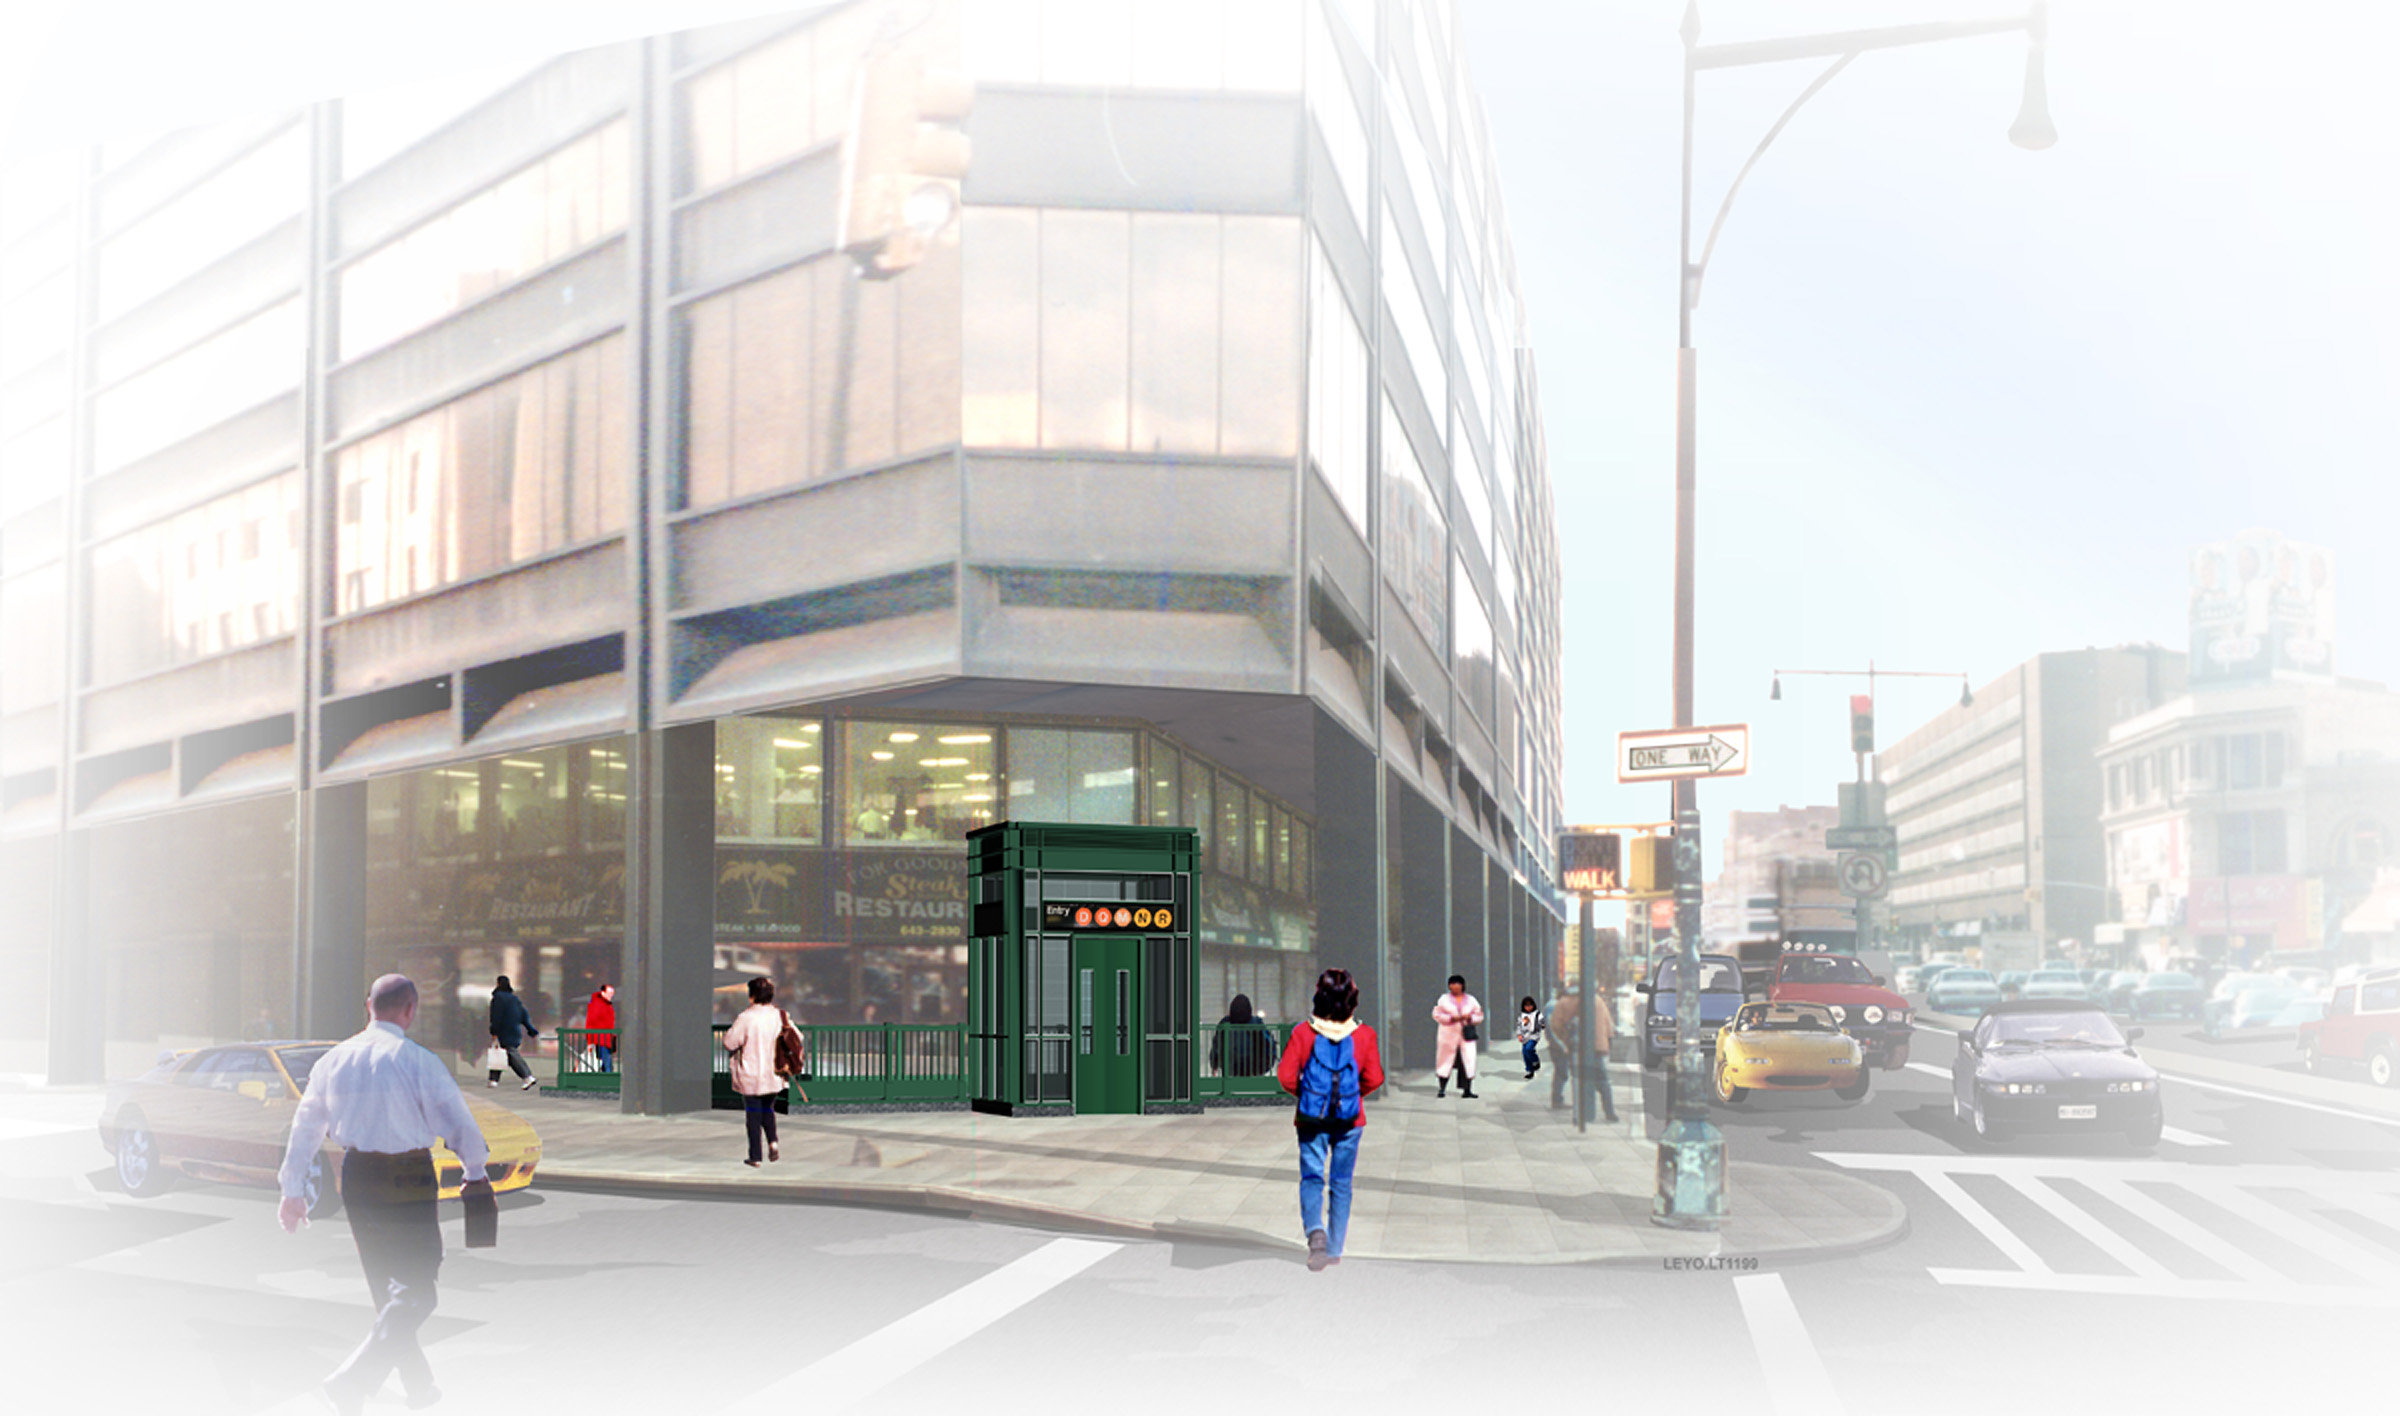 DeKalb - Fuzzy Rendering - street view2.jpg